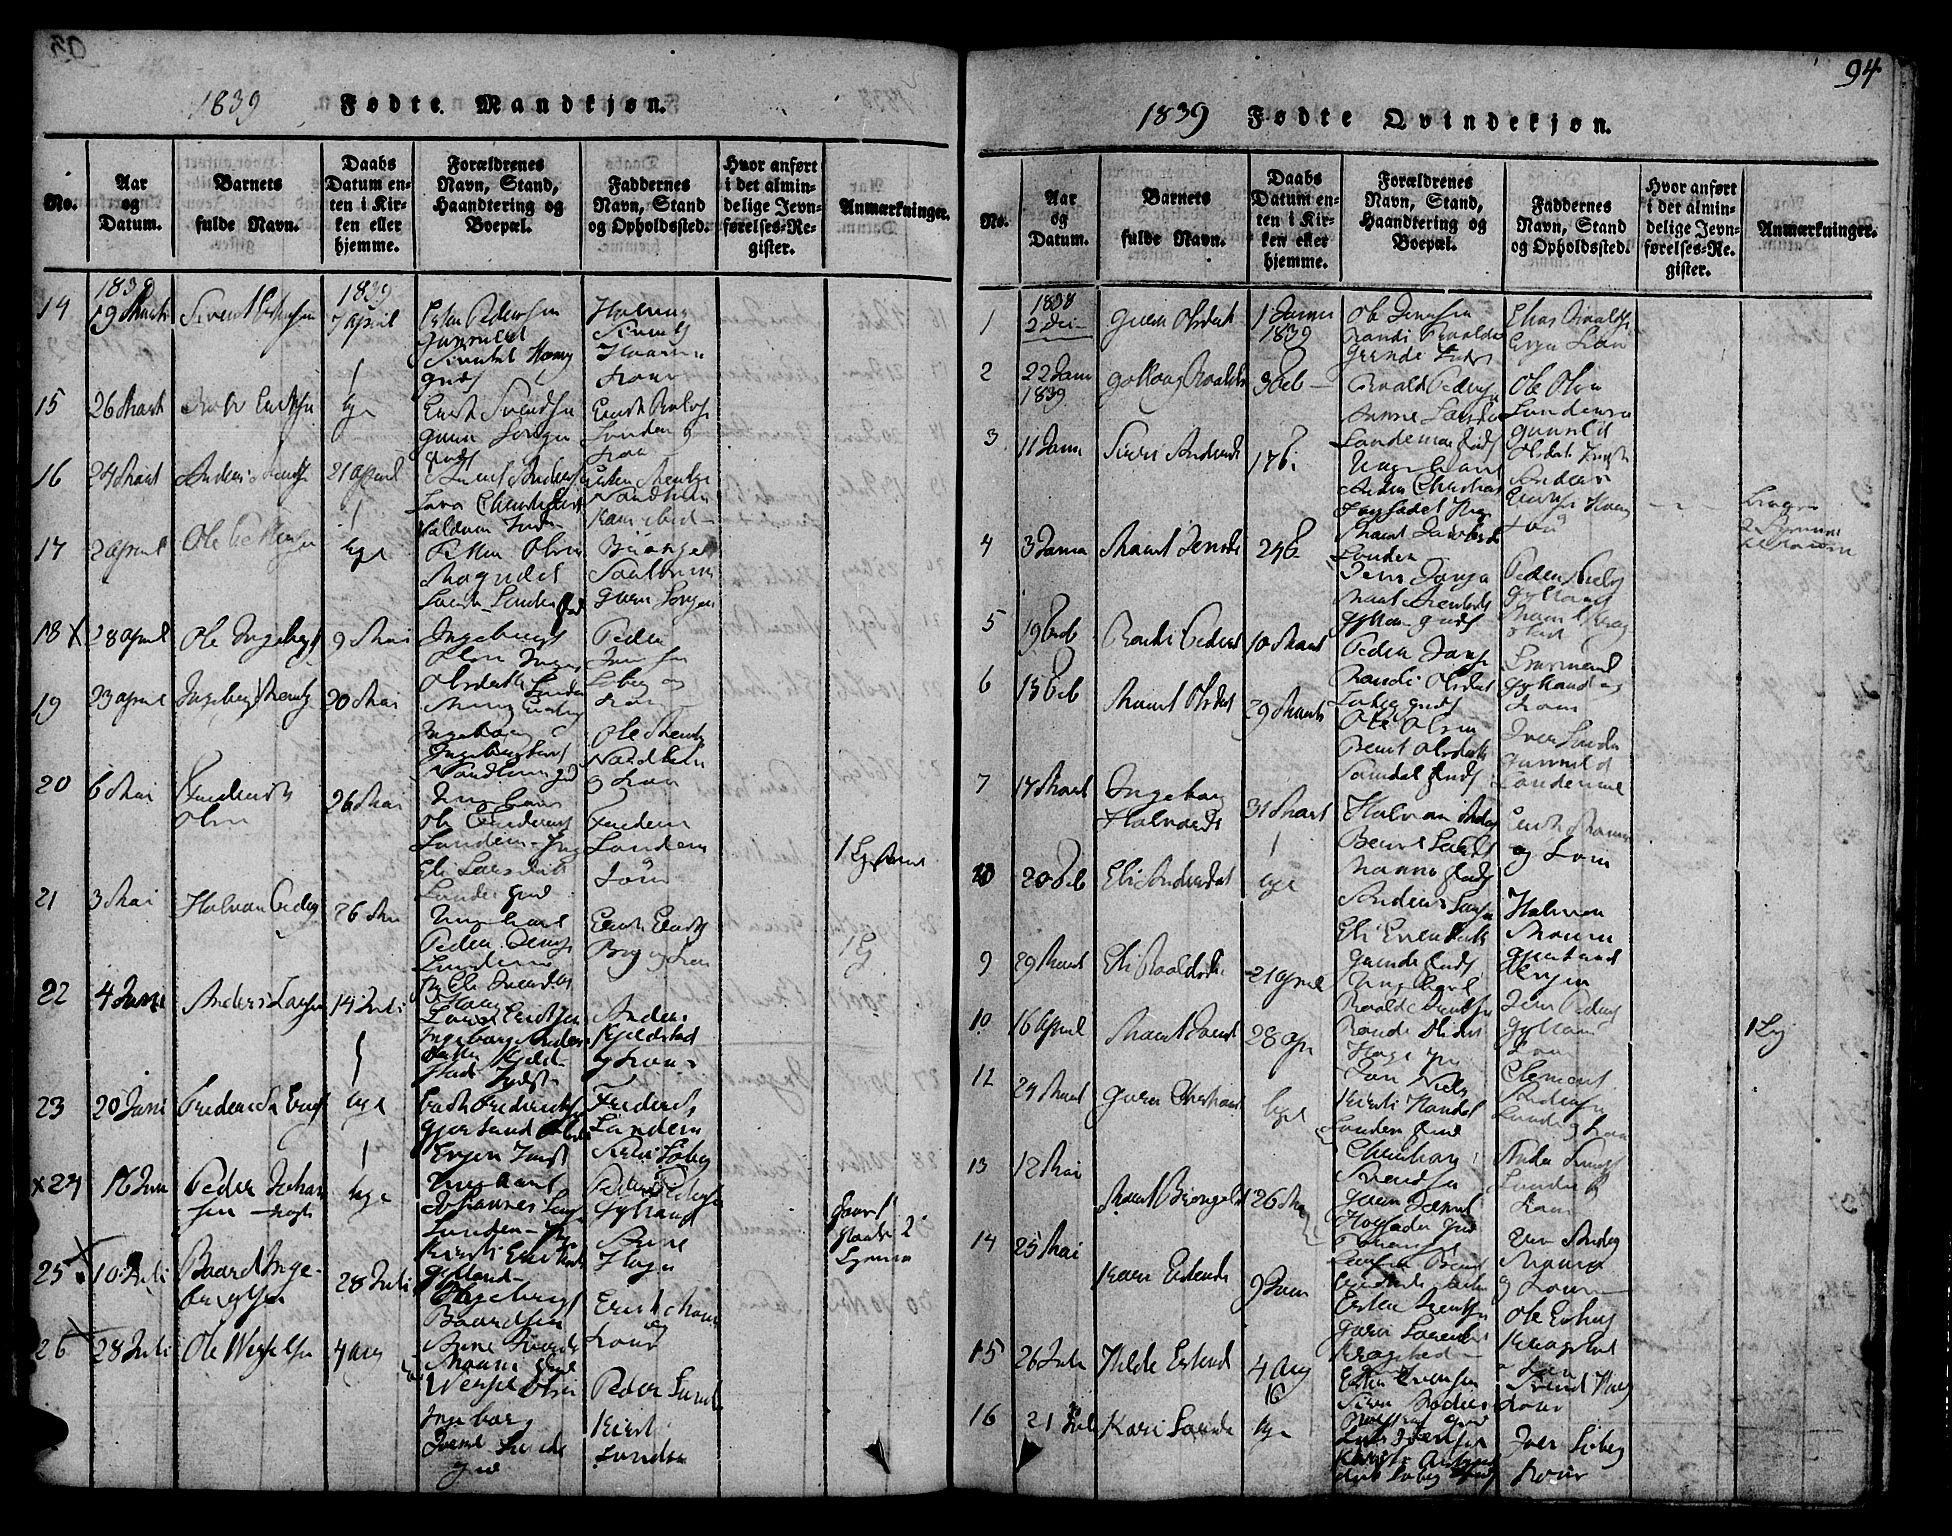 SAT, Ministerialprotokoller, klokkerbøker og fødselsregistre - Sør-Trøndelag, 692/L1102: Ministerialbok nr. 692A02, 1816-1842, s. 94